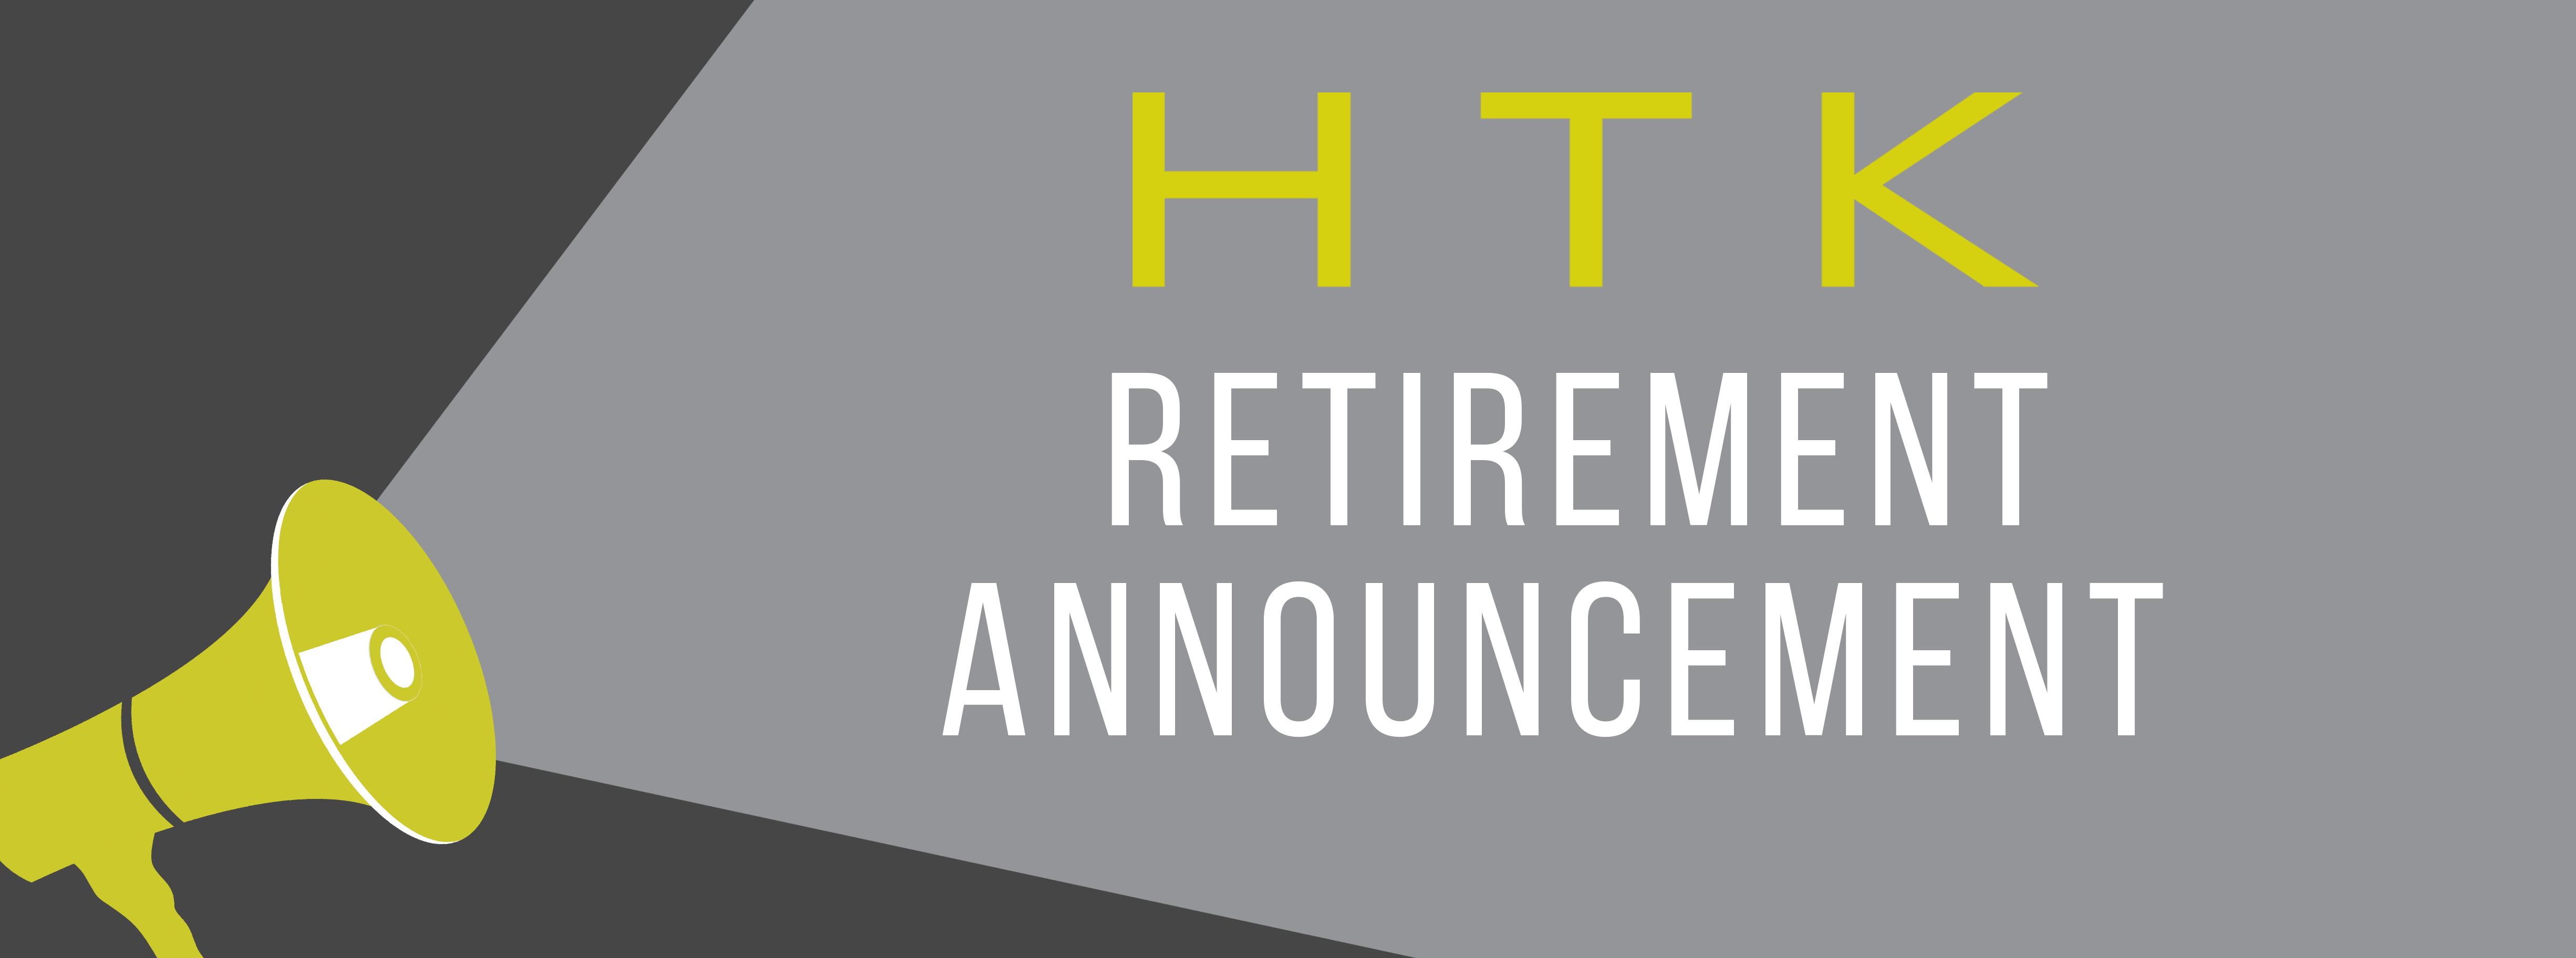 2019 htk retirement blog post